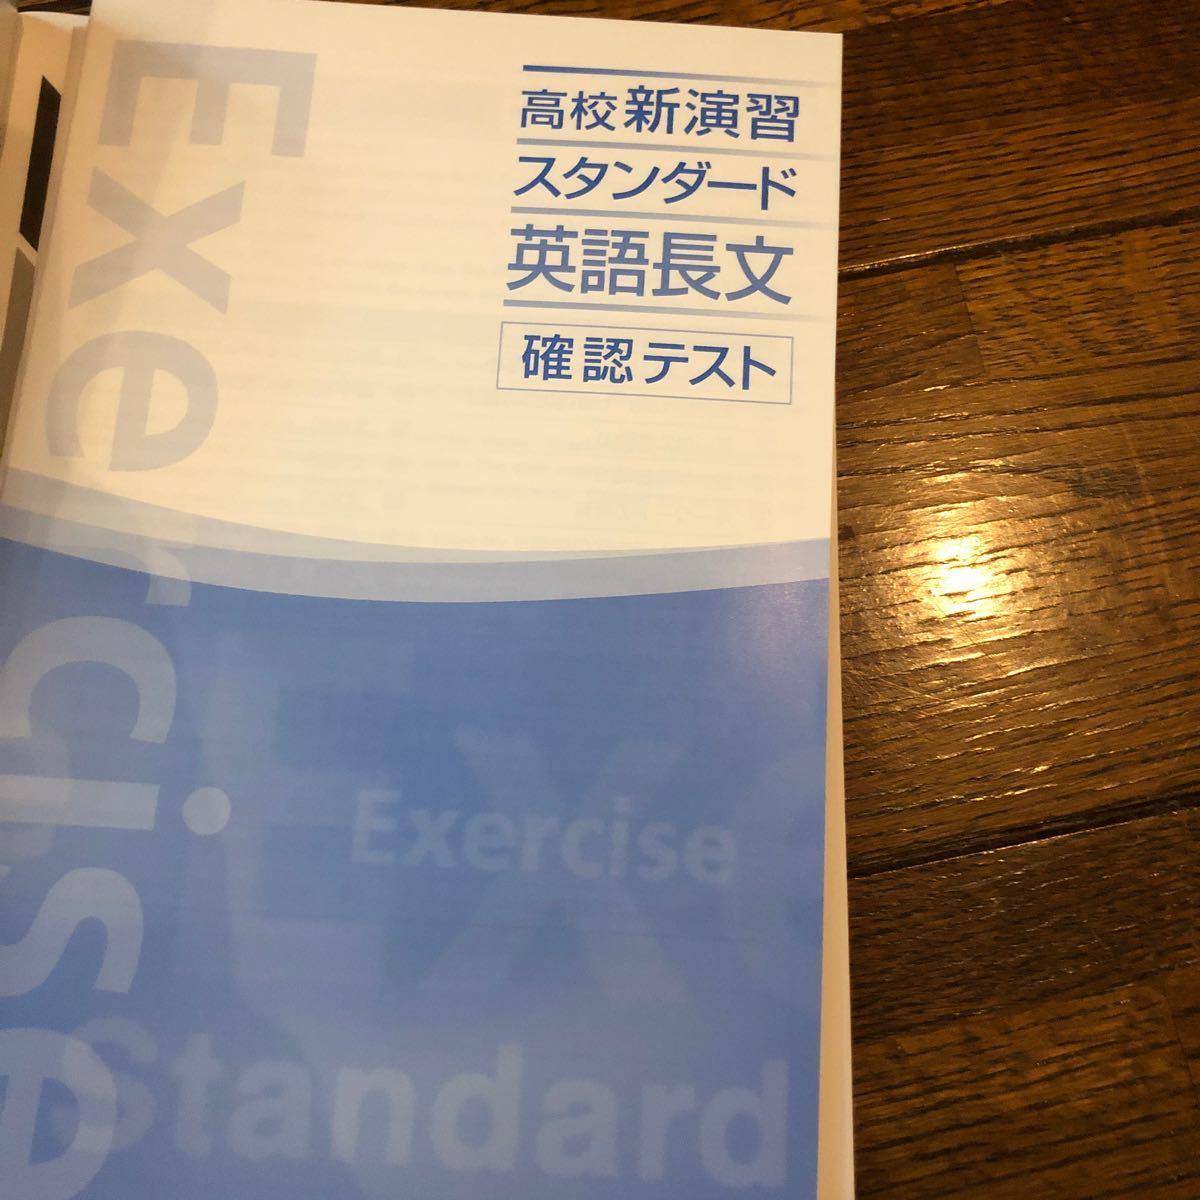 高校新演習 スタンダード 英語 新演習 問題集 英語長文 スタンダード プログレス